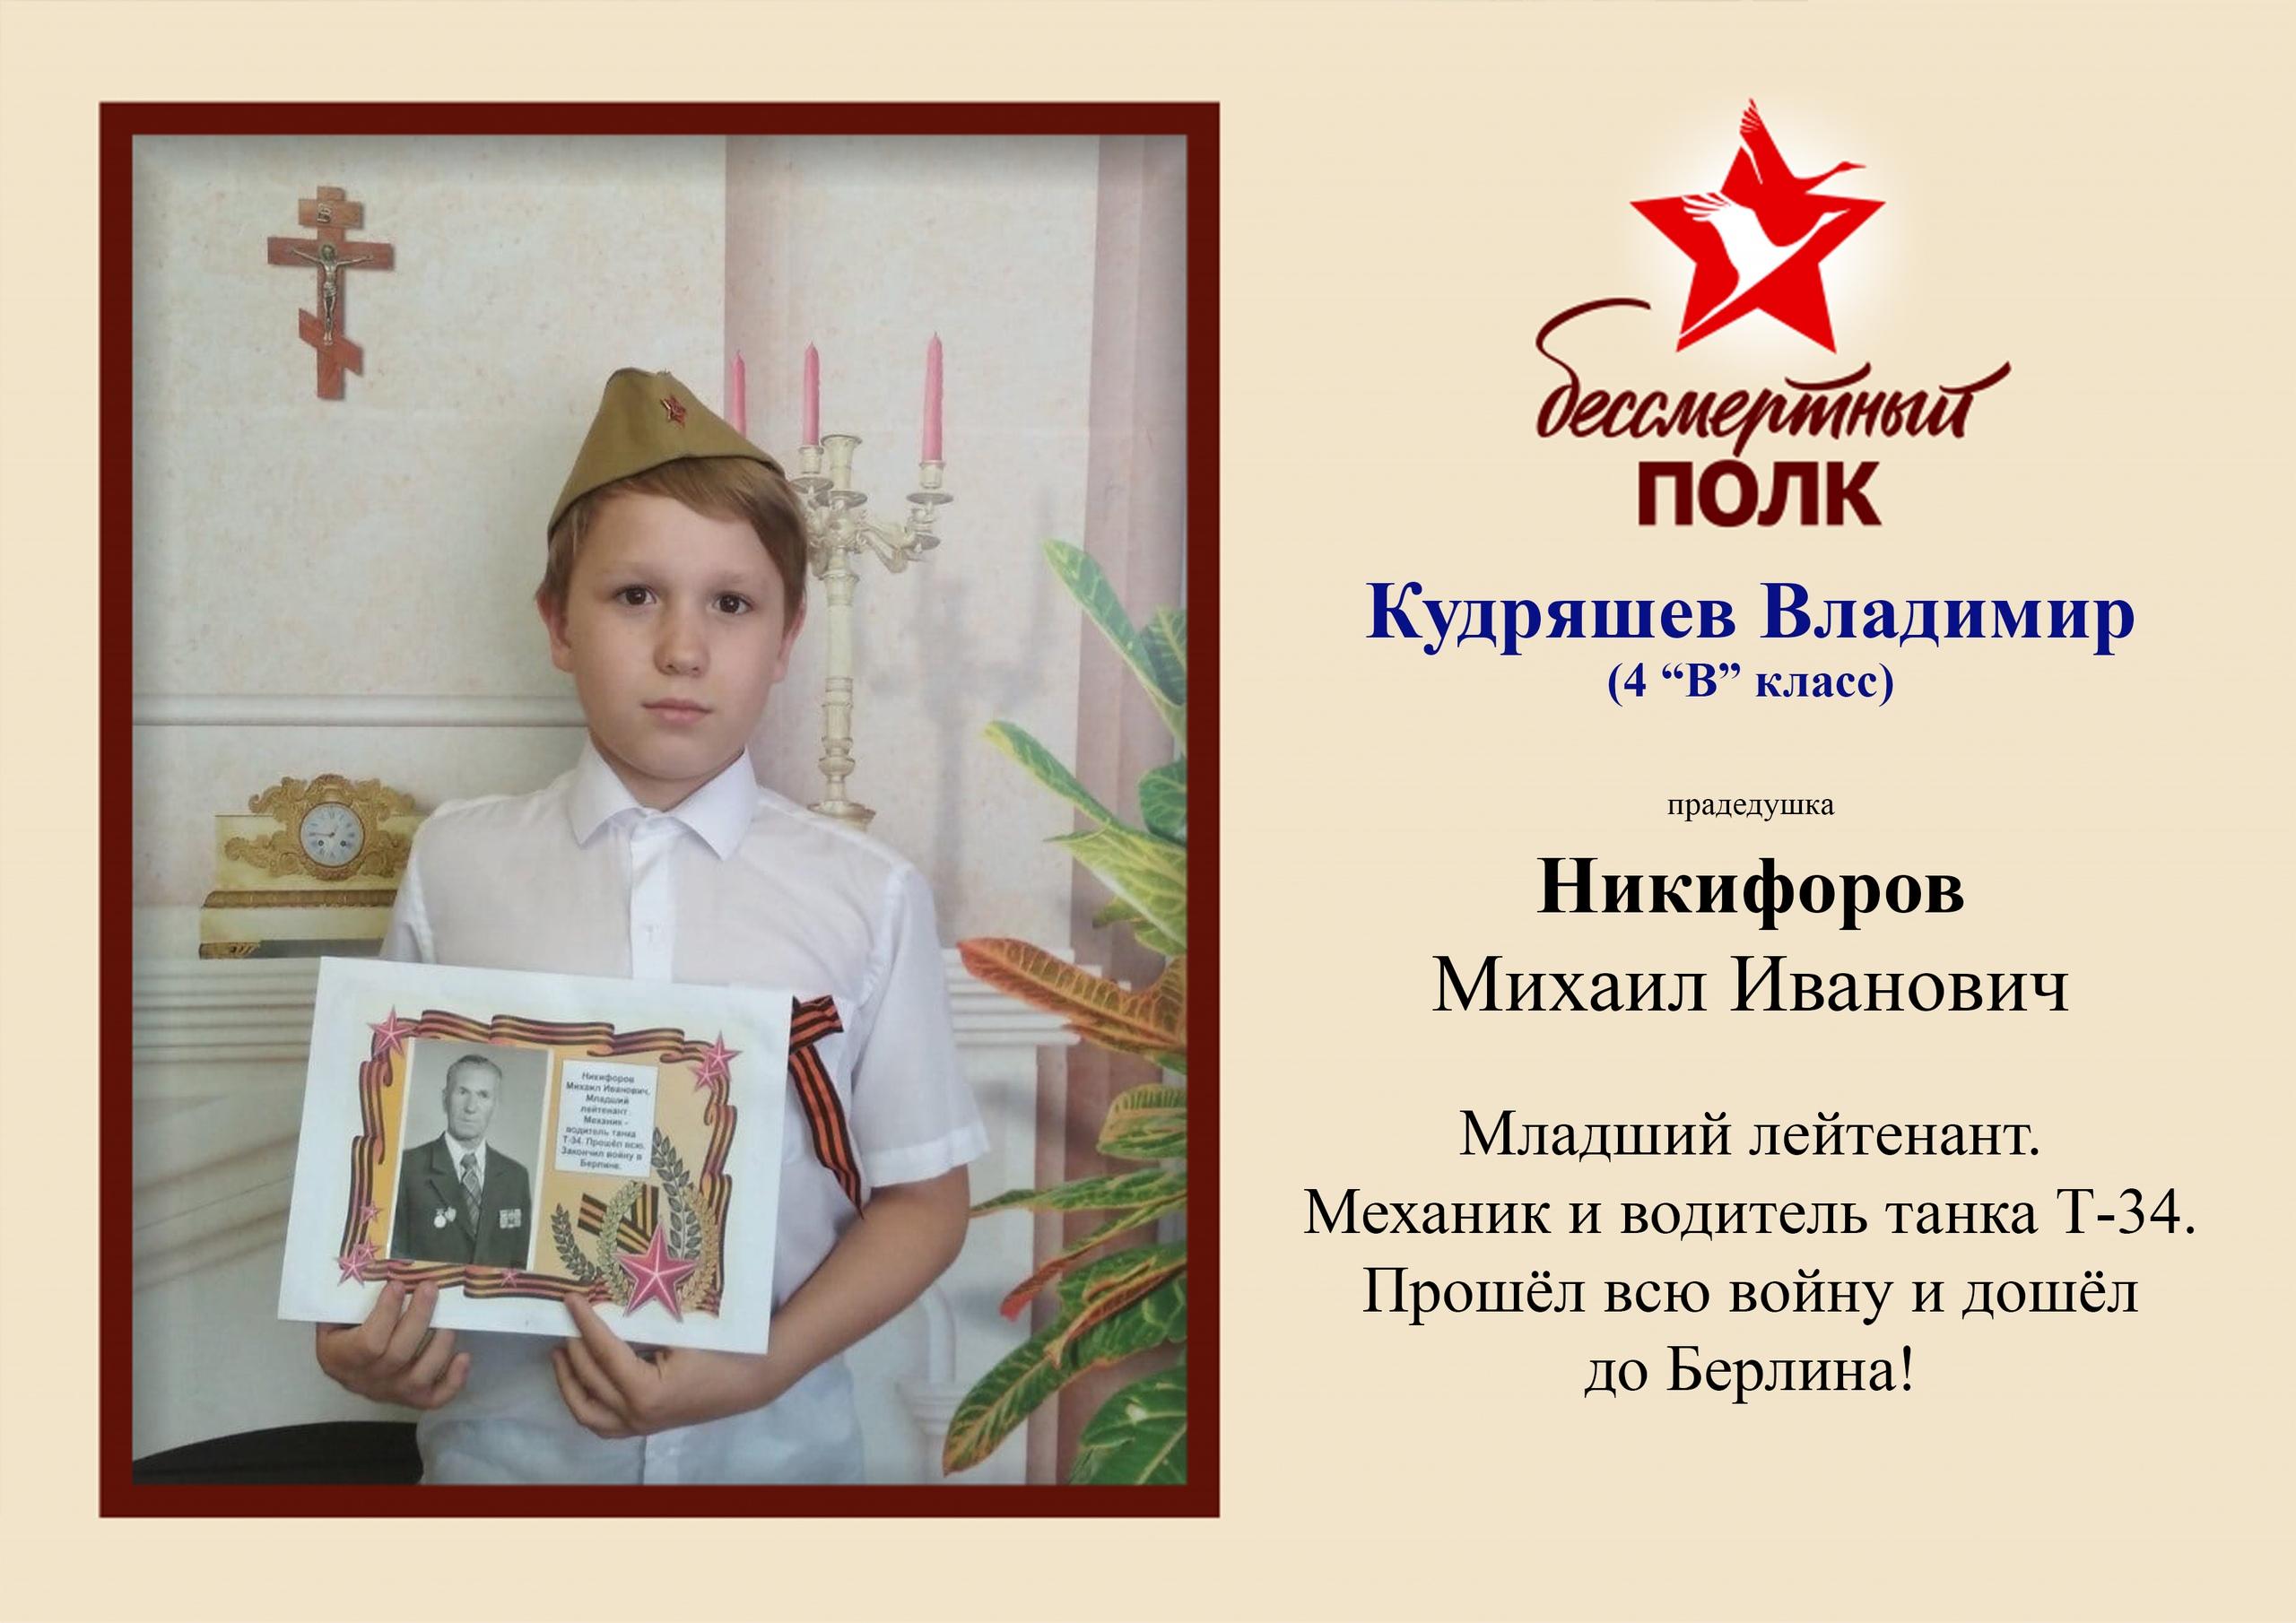 Кудряшев Владимир